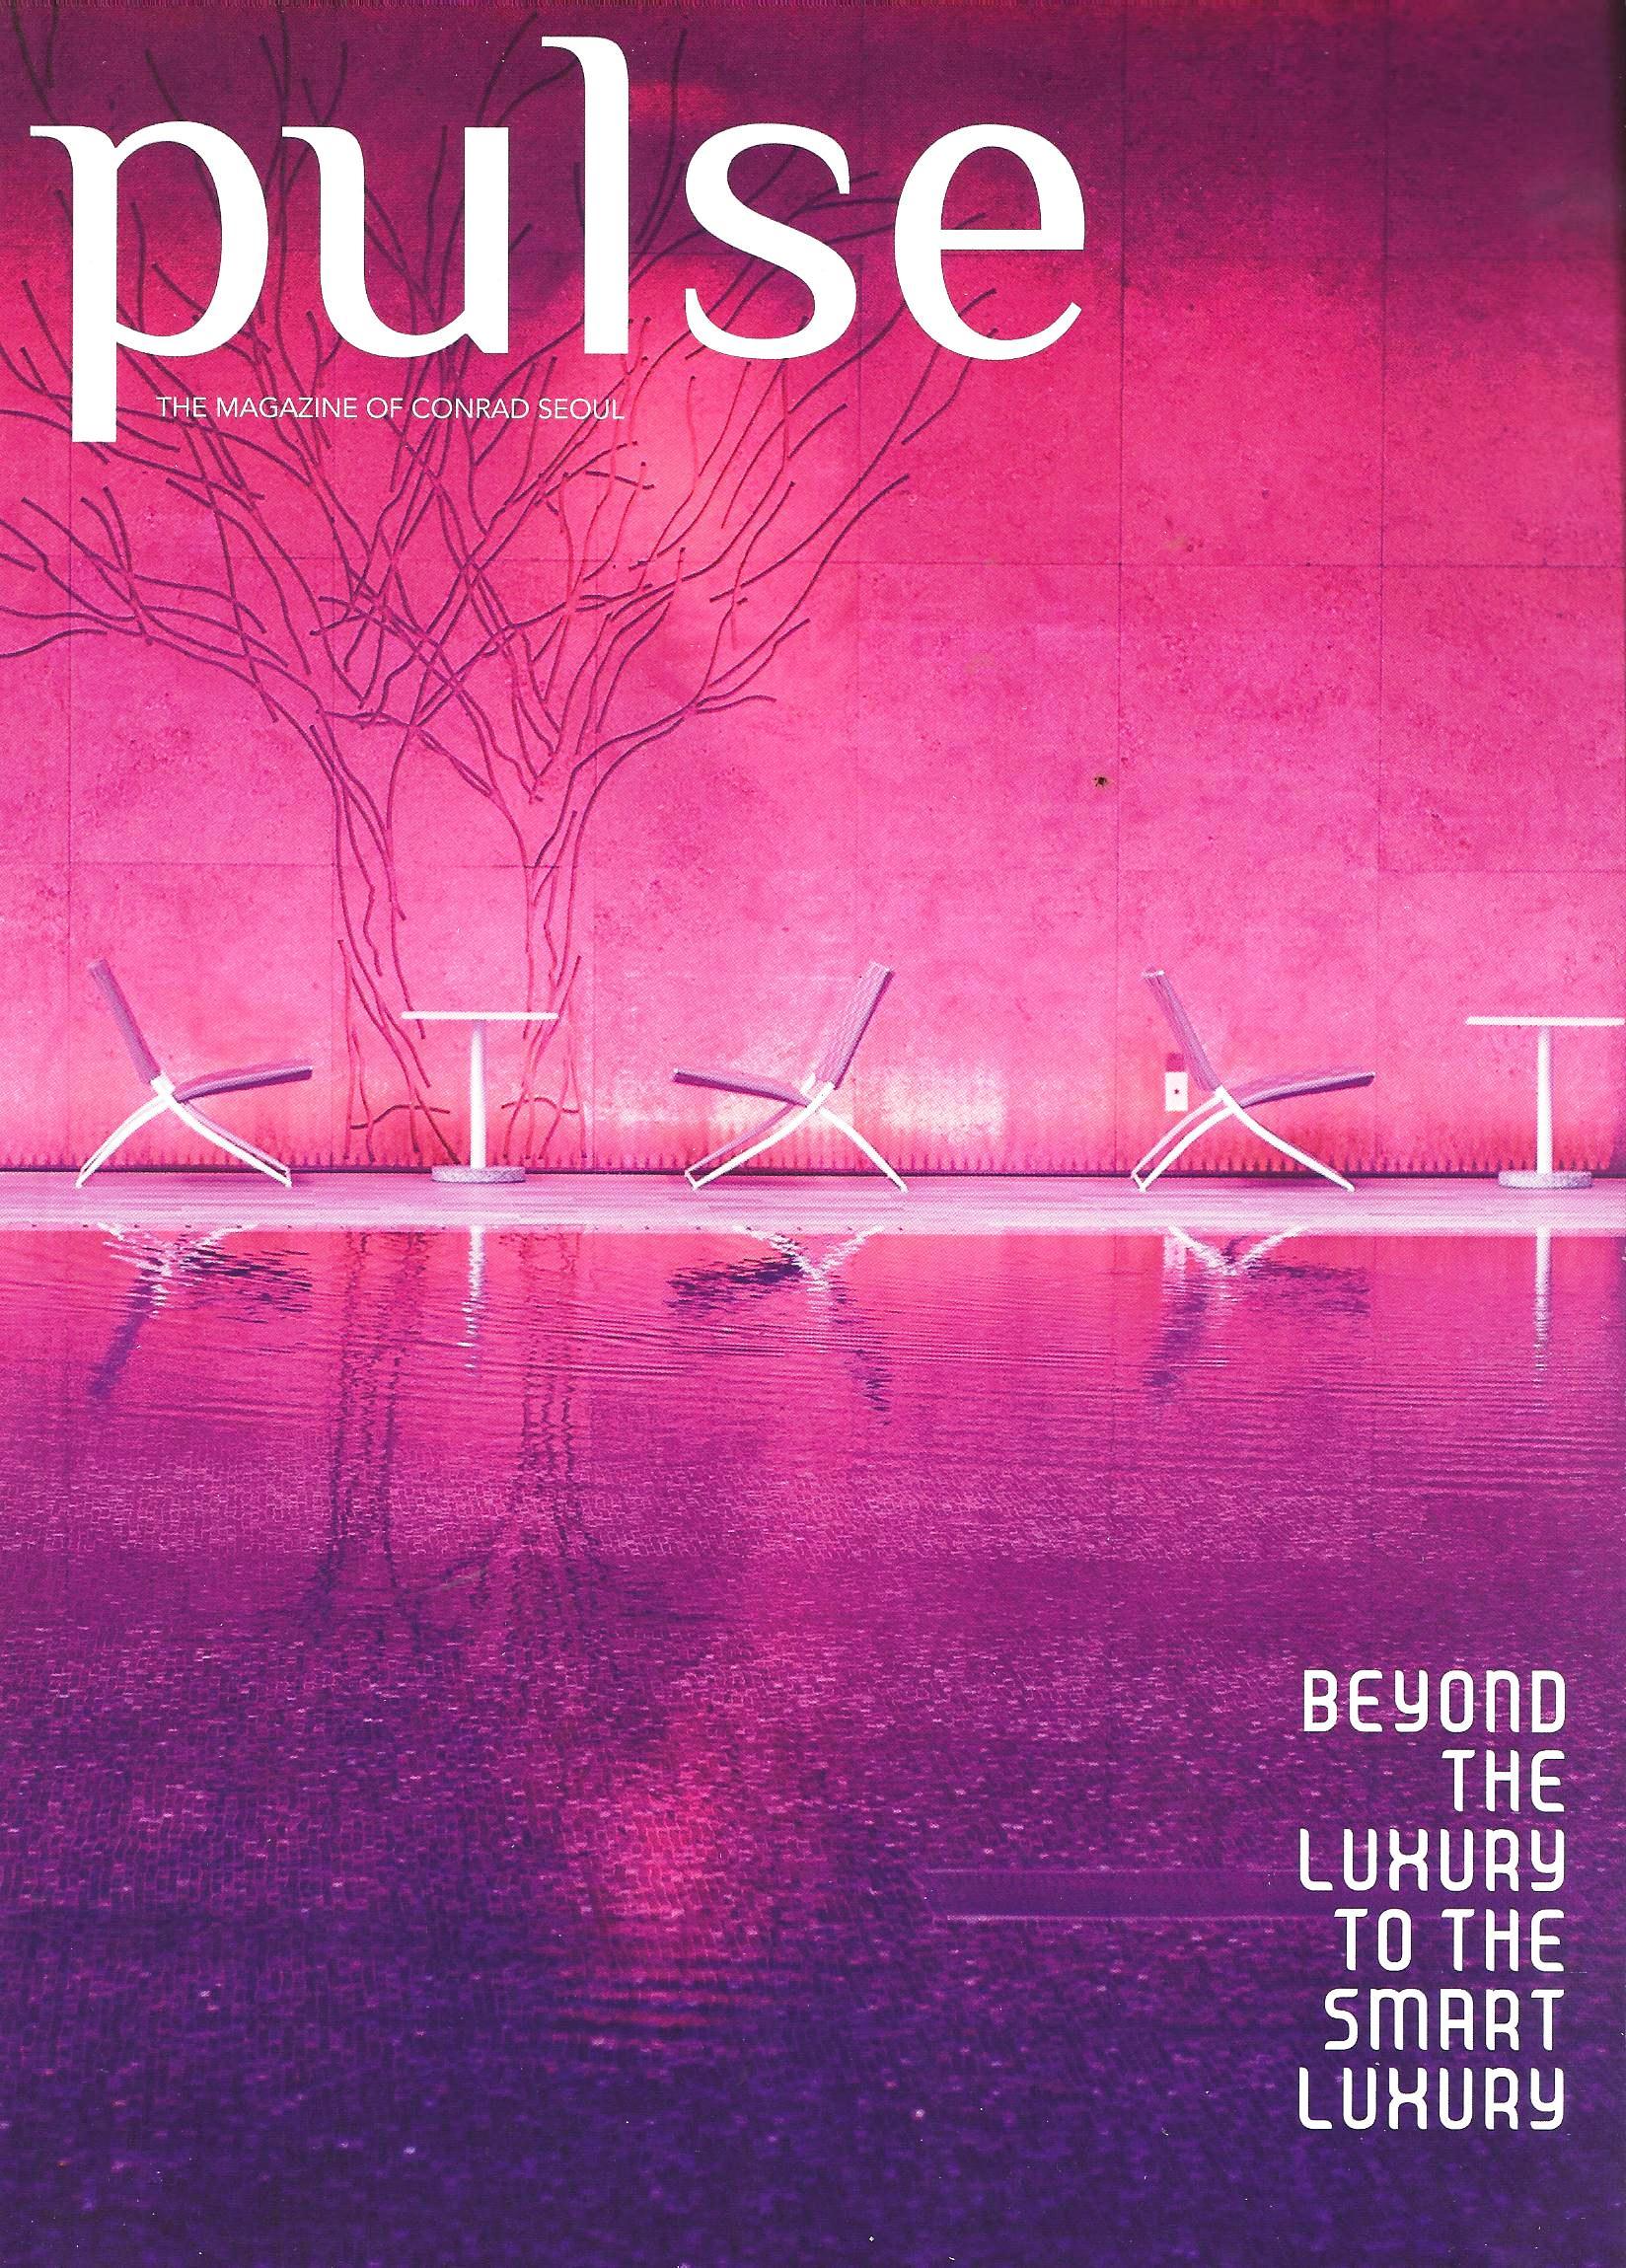 2013-1 Pulse cover.jpg